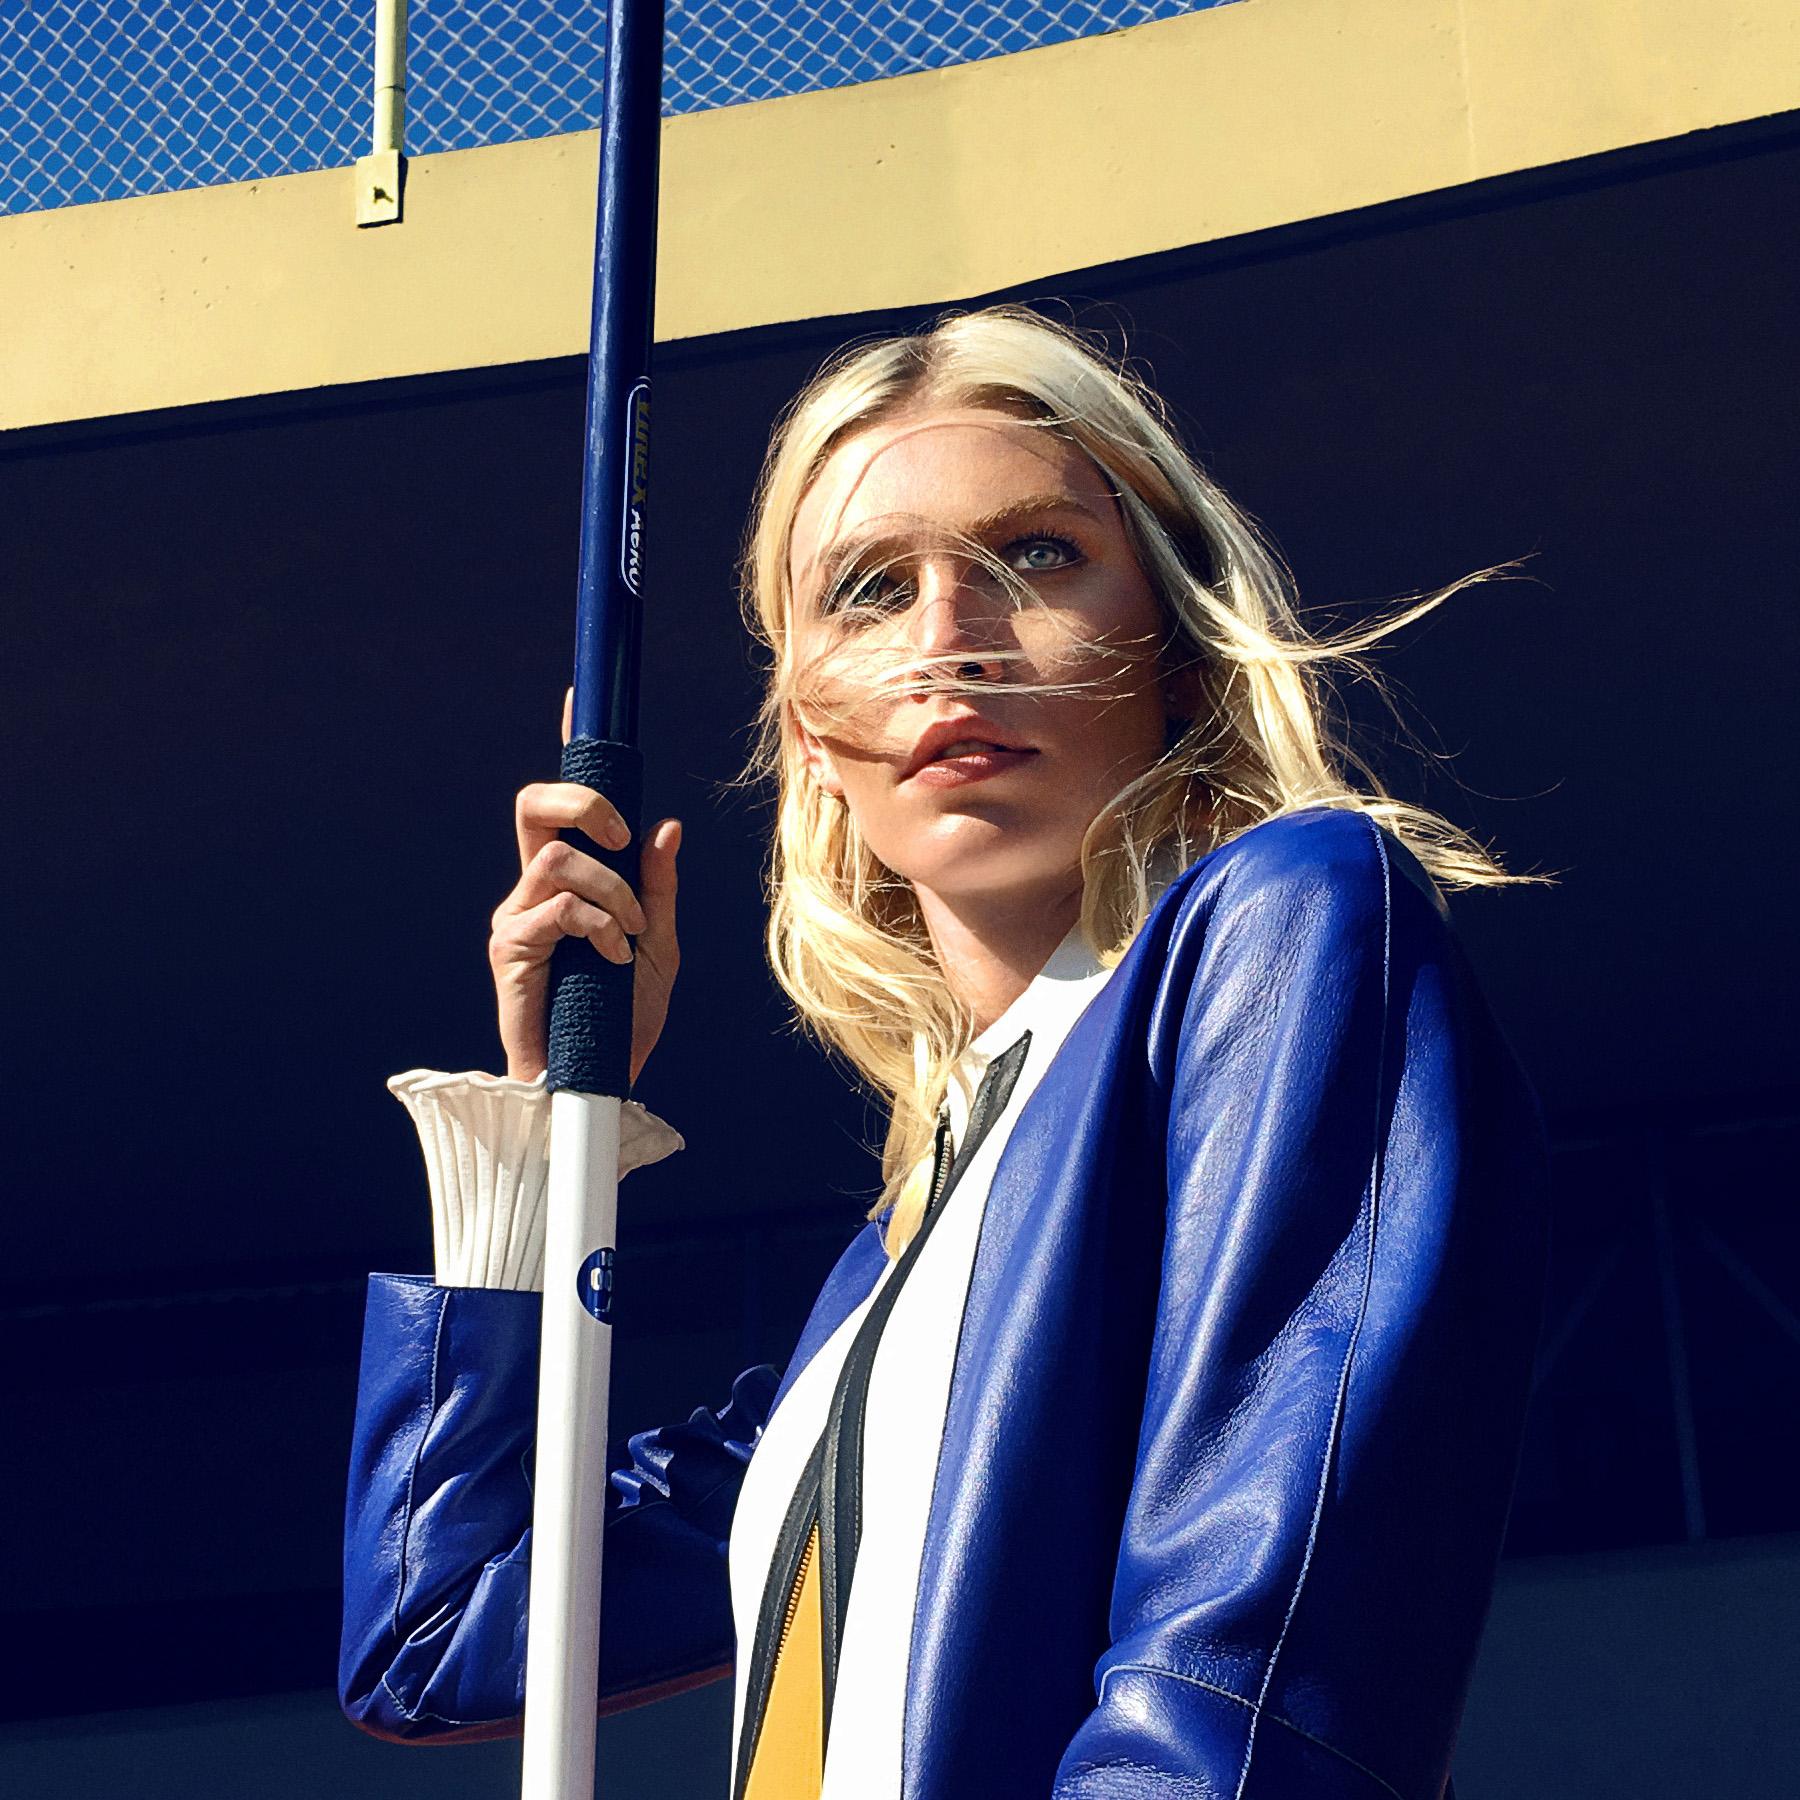 20/2 Harpers Bazaar Brazil